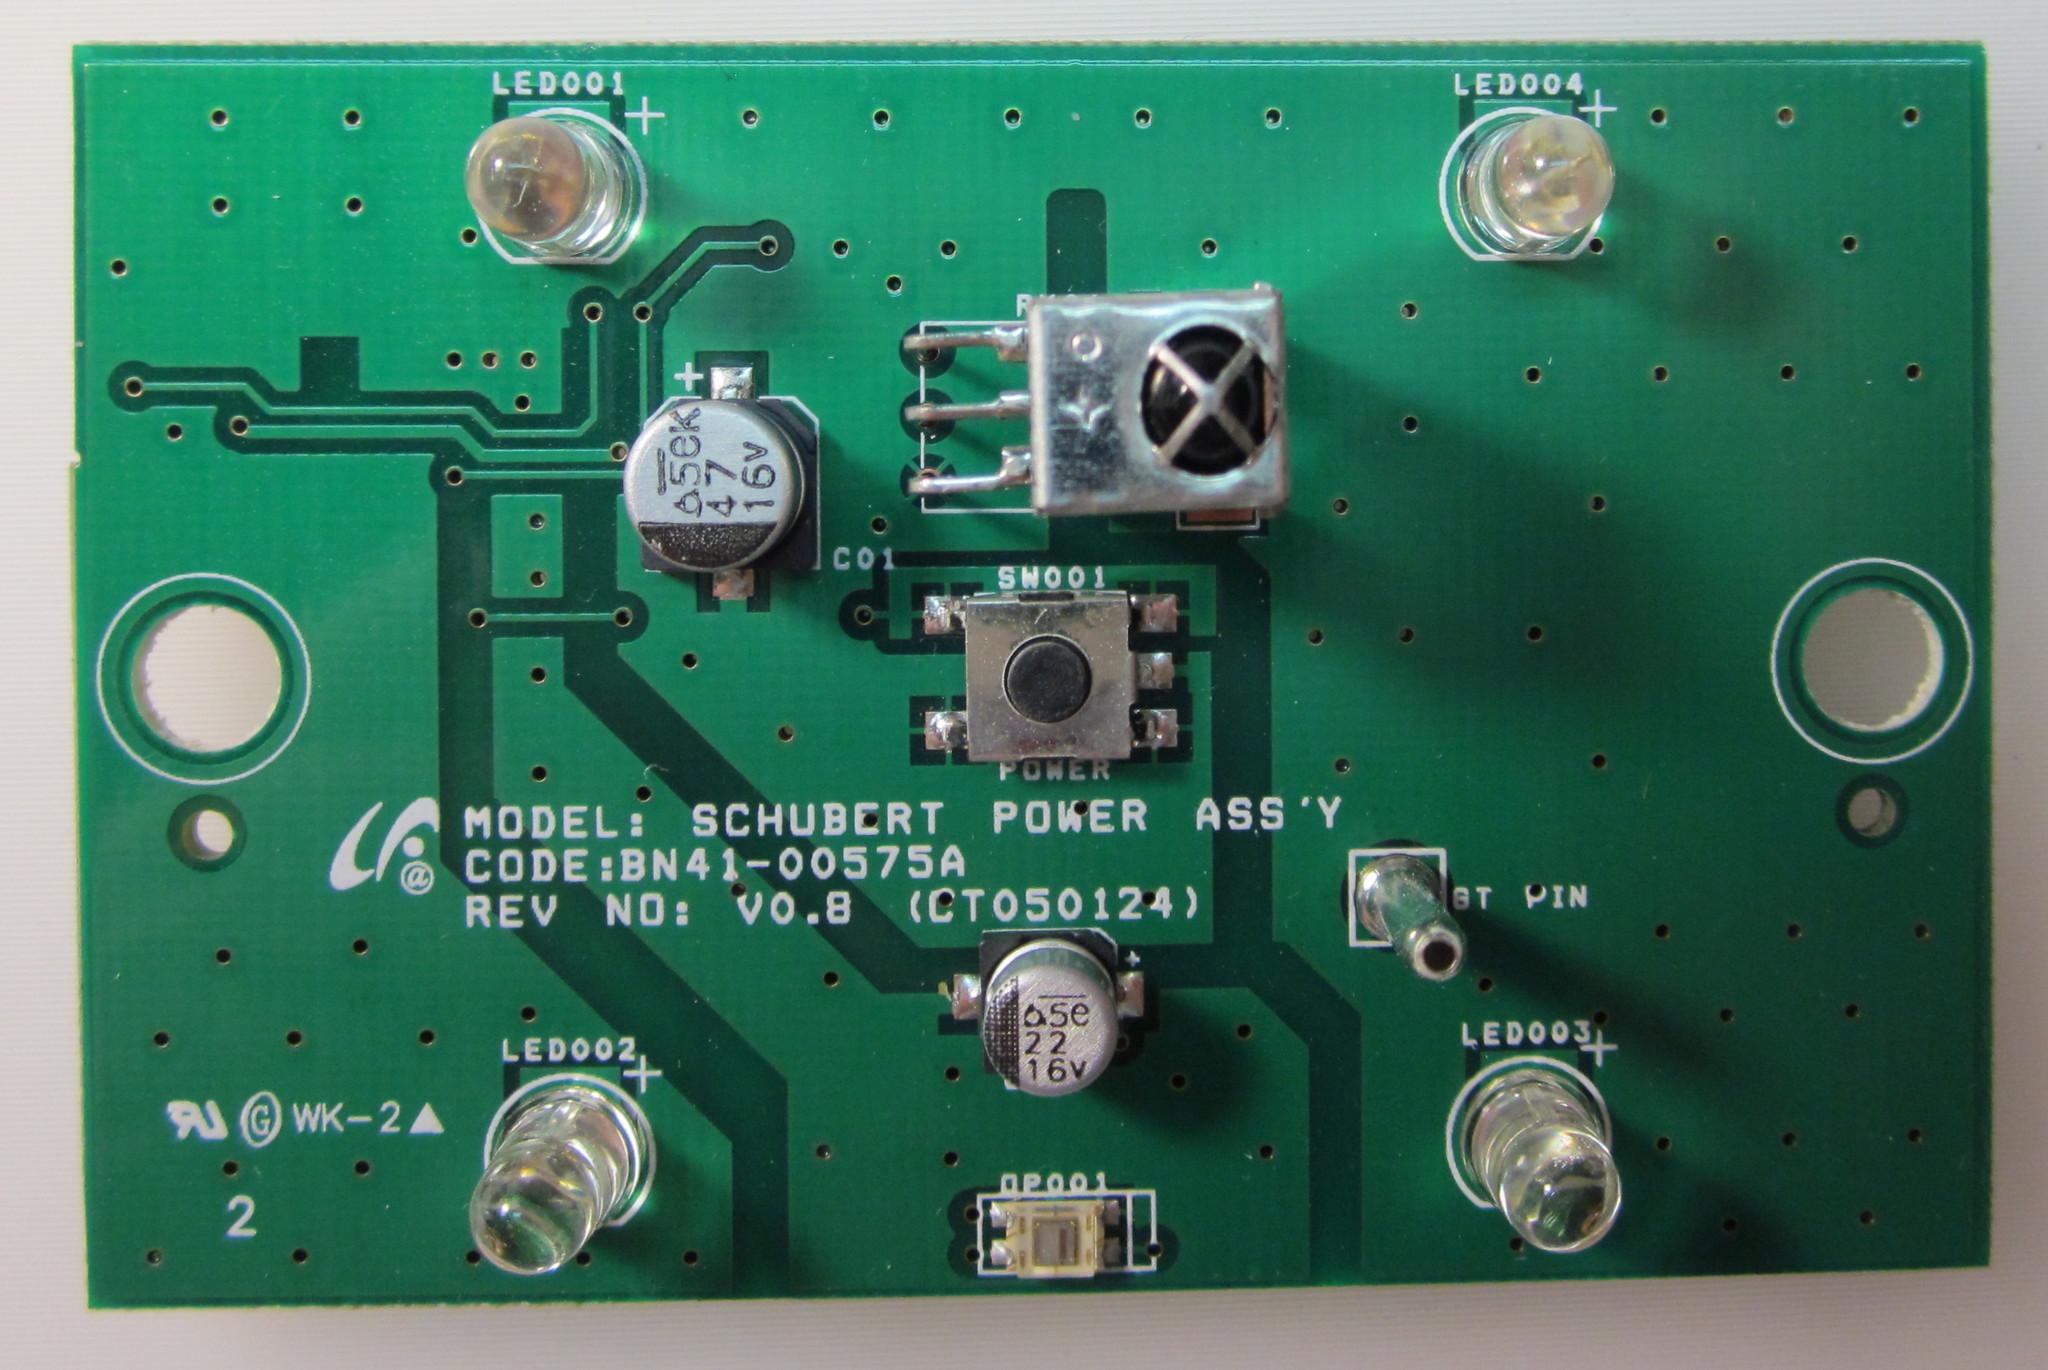 BN41-00575A